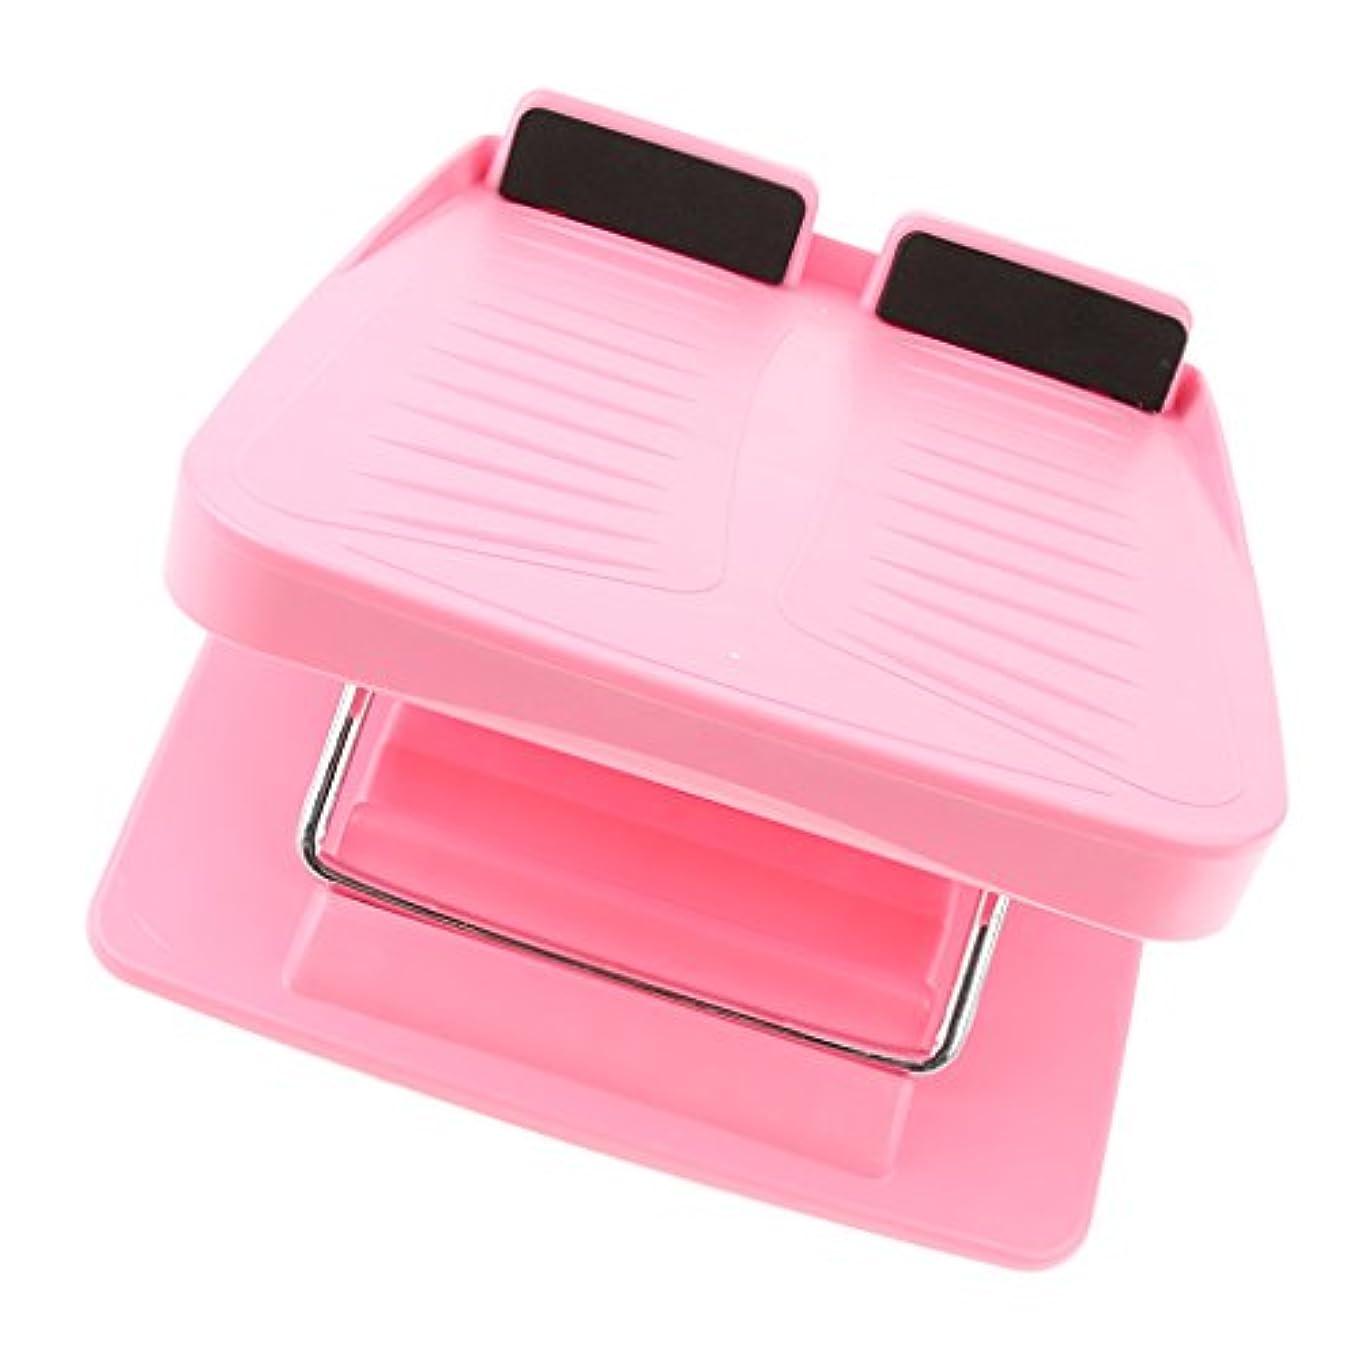 無数のアリス葉を拾うchiwanji 斜面ボード スラントボード アンチスリップ カーフストレッチ 調整可能 ウェッジストレッチャー 3色 - ピンク